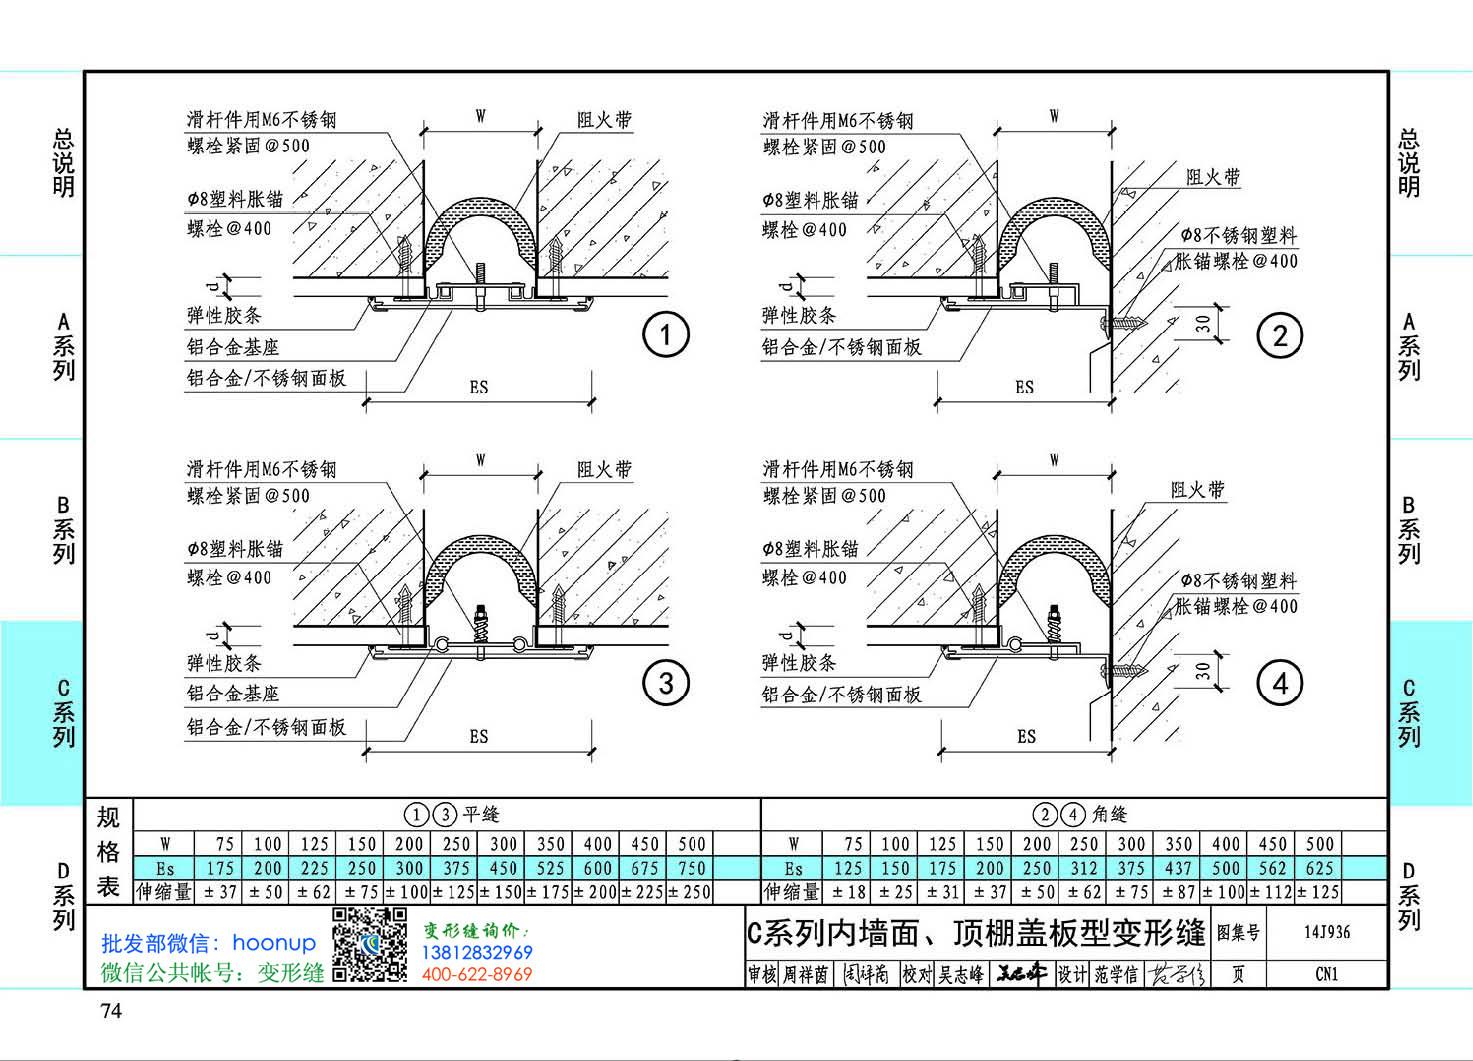 变形缝图集14J936CN1-C系列内墙面、顶棚盖板型变形缝